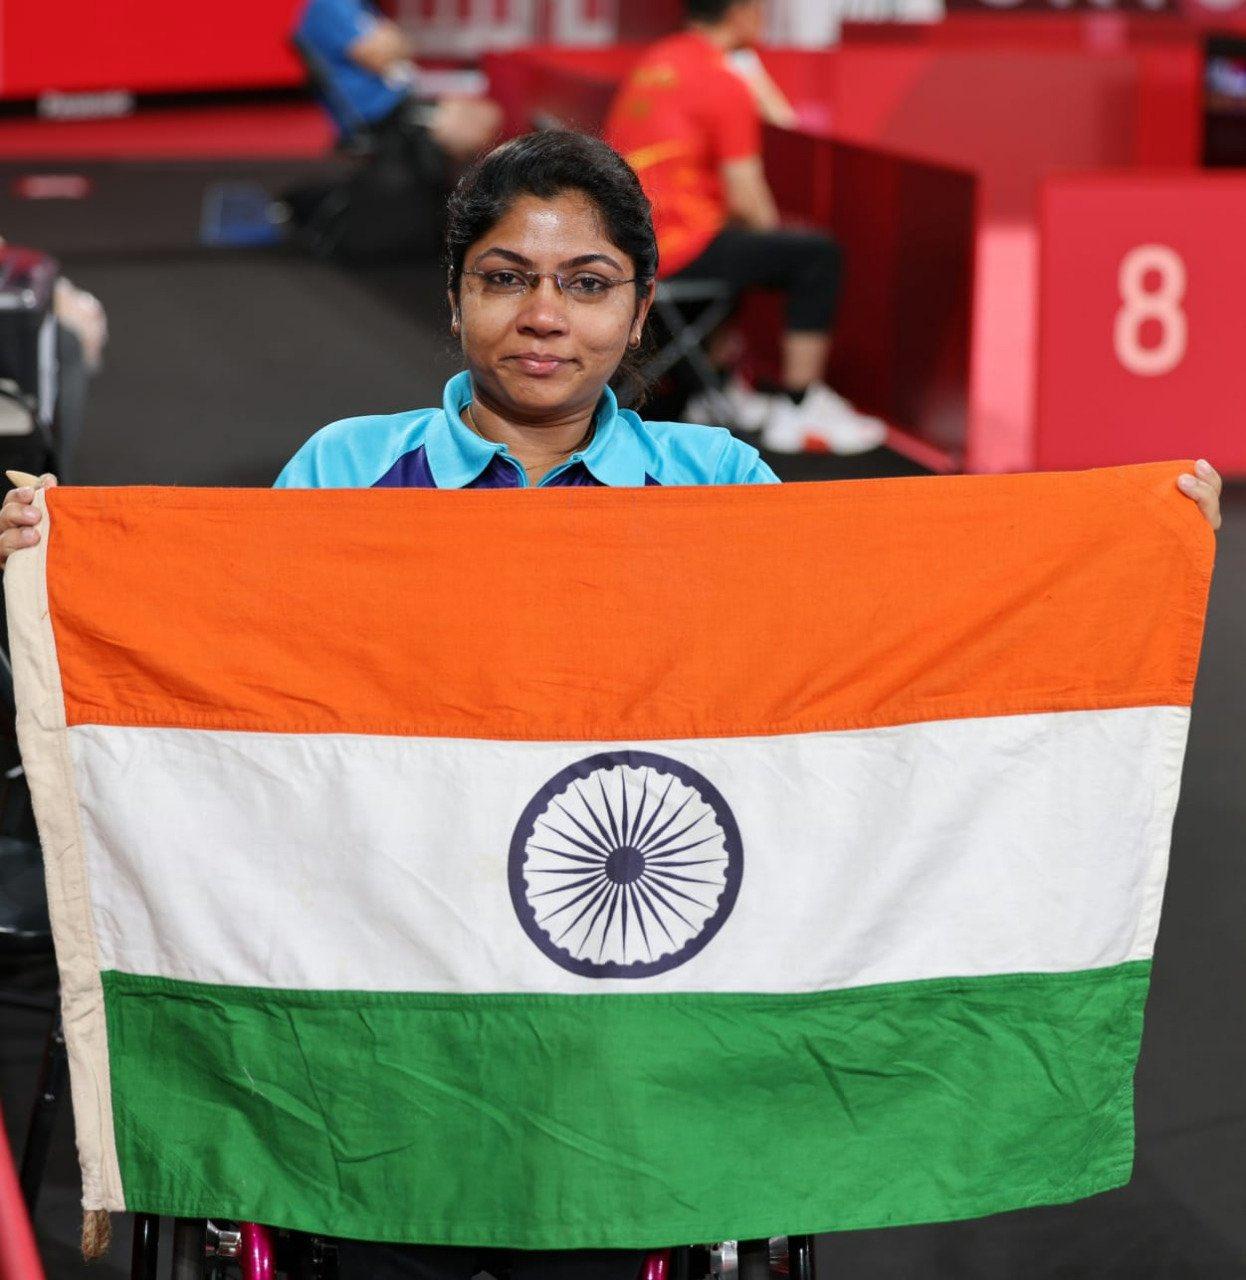 Tokyo Paralympics में टेबल टेनिस में भाविनाबेन हसमुखभाई पटेल ने रजत पदक हासिल किया